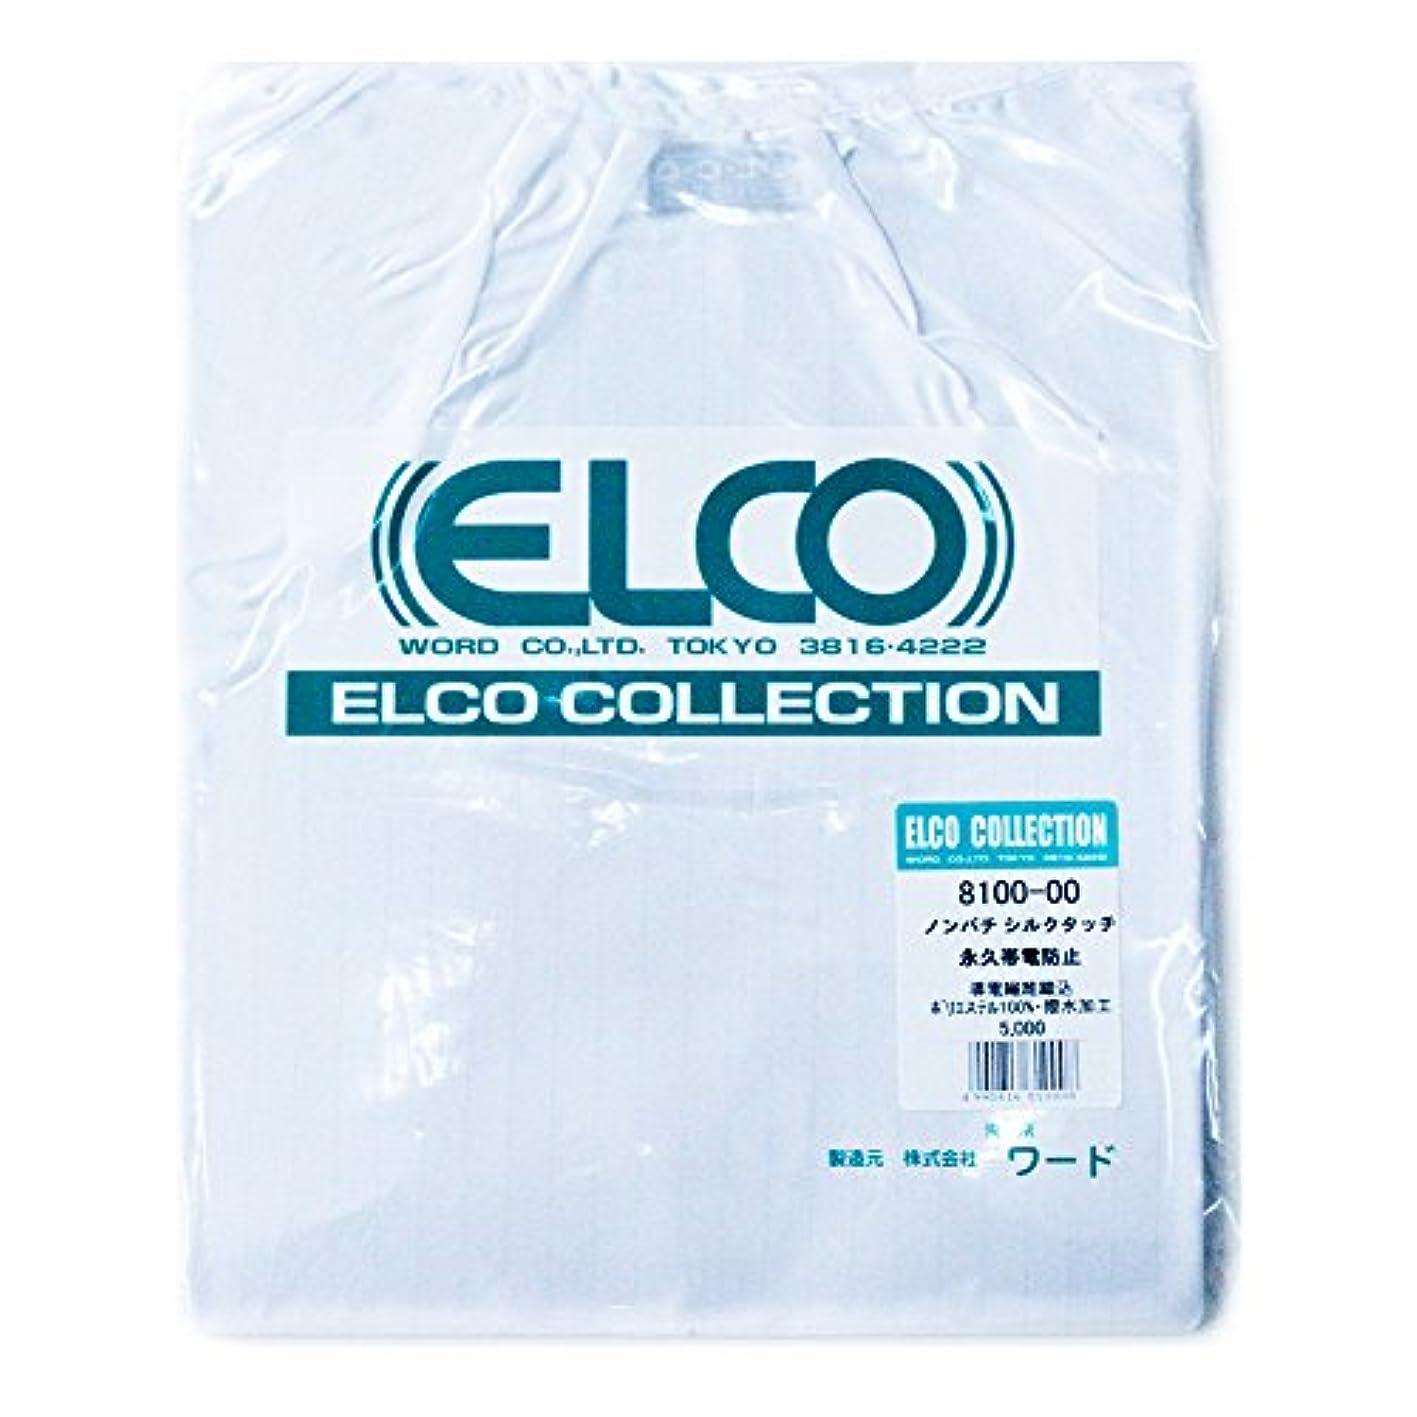 周波数流雑種エルコ ノンパチ シルクタッチ袖付クロス ホワイト